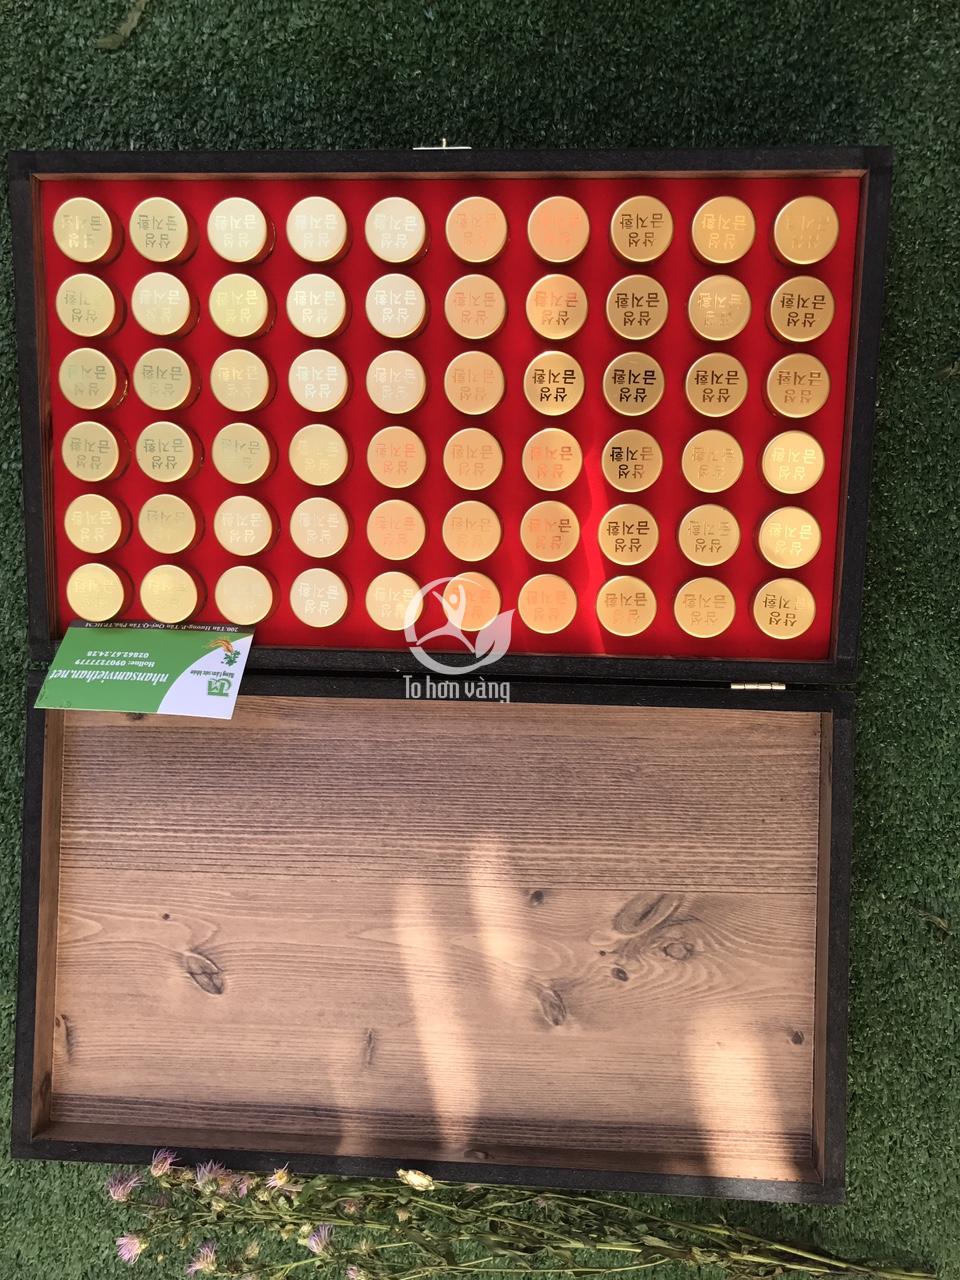 An cung ngưu hoàng hoàn là sản phẩm thảo dược nổi tiếng của Hàn Quốc, dựa trên bài thuốc độc đáo của y học Trung Quốc